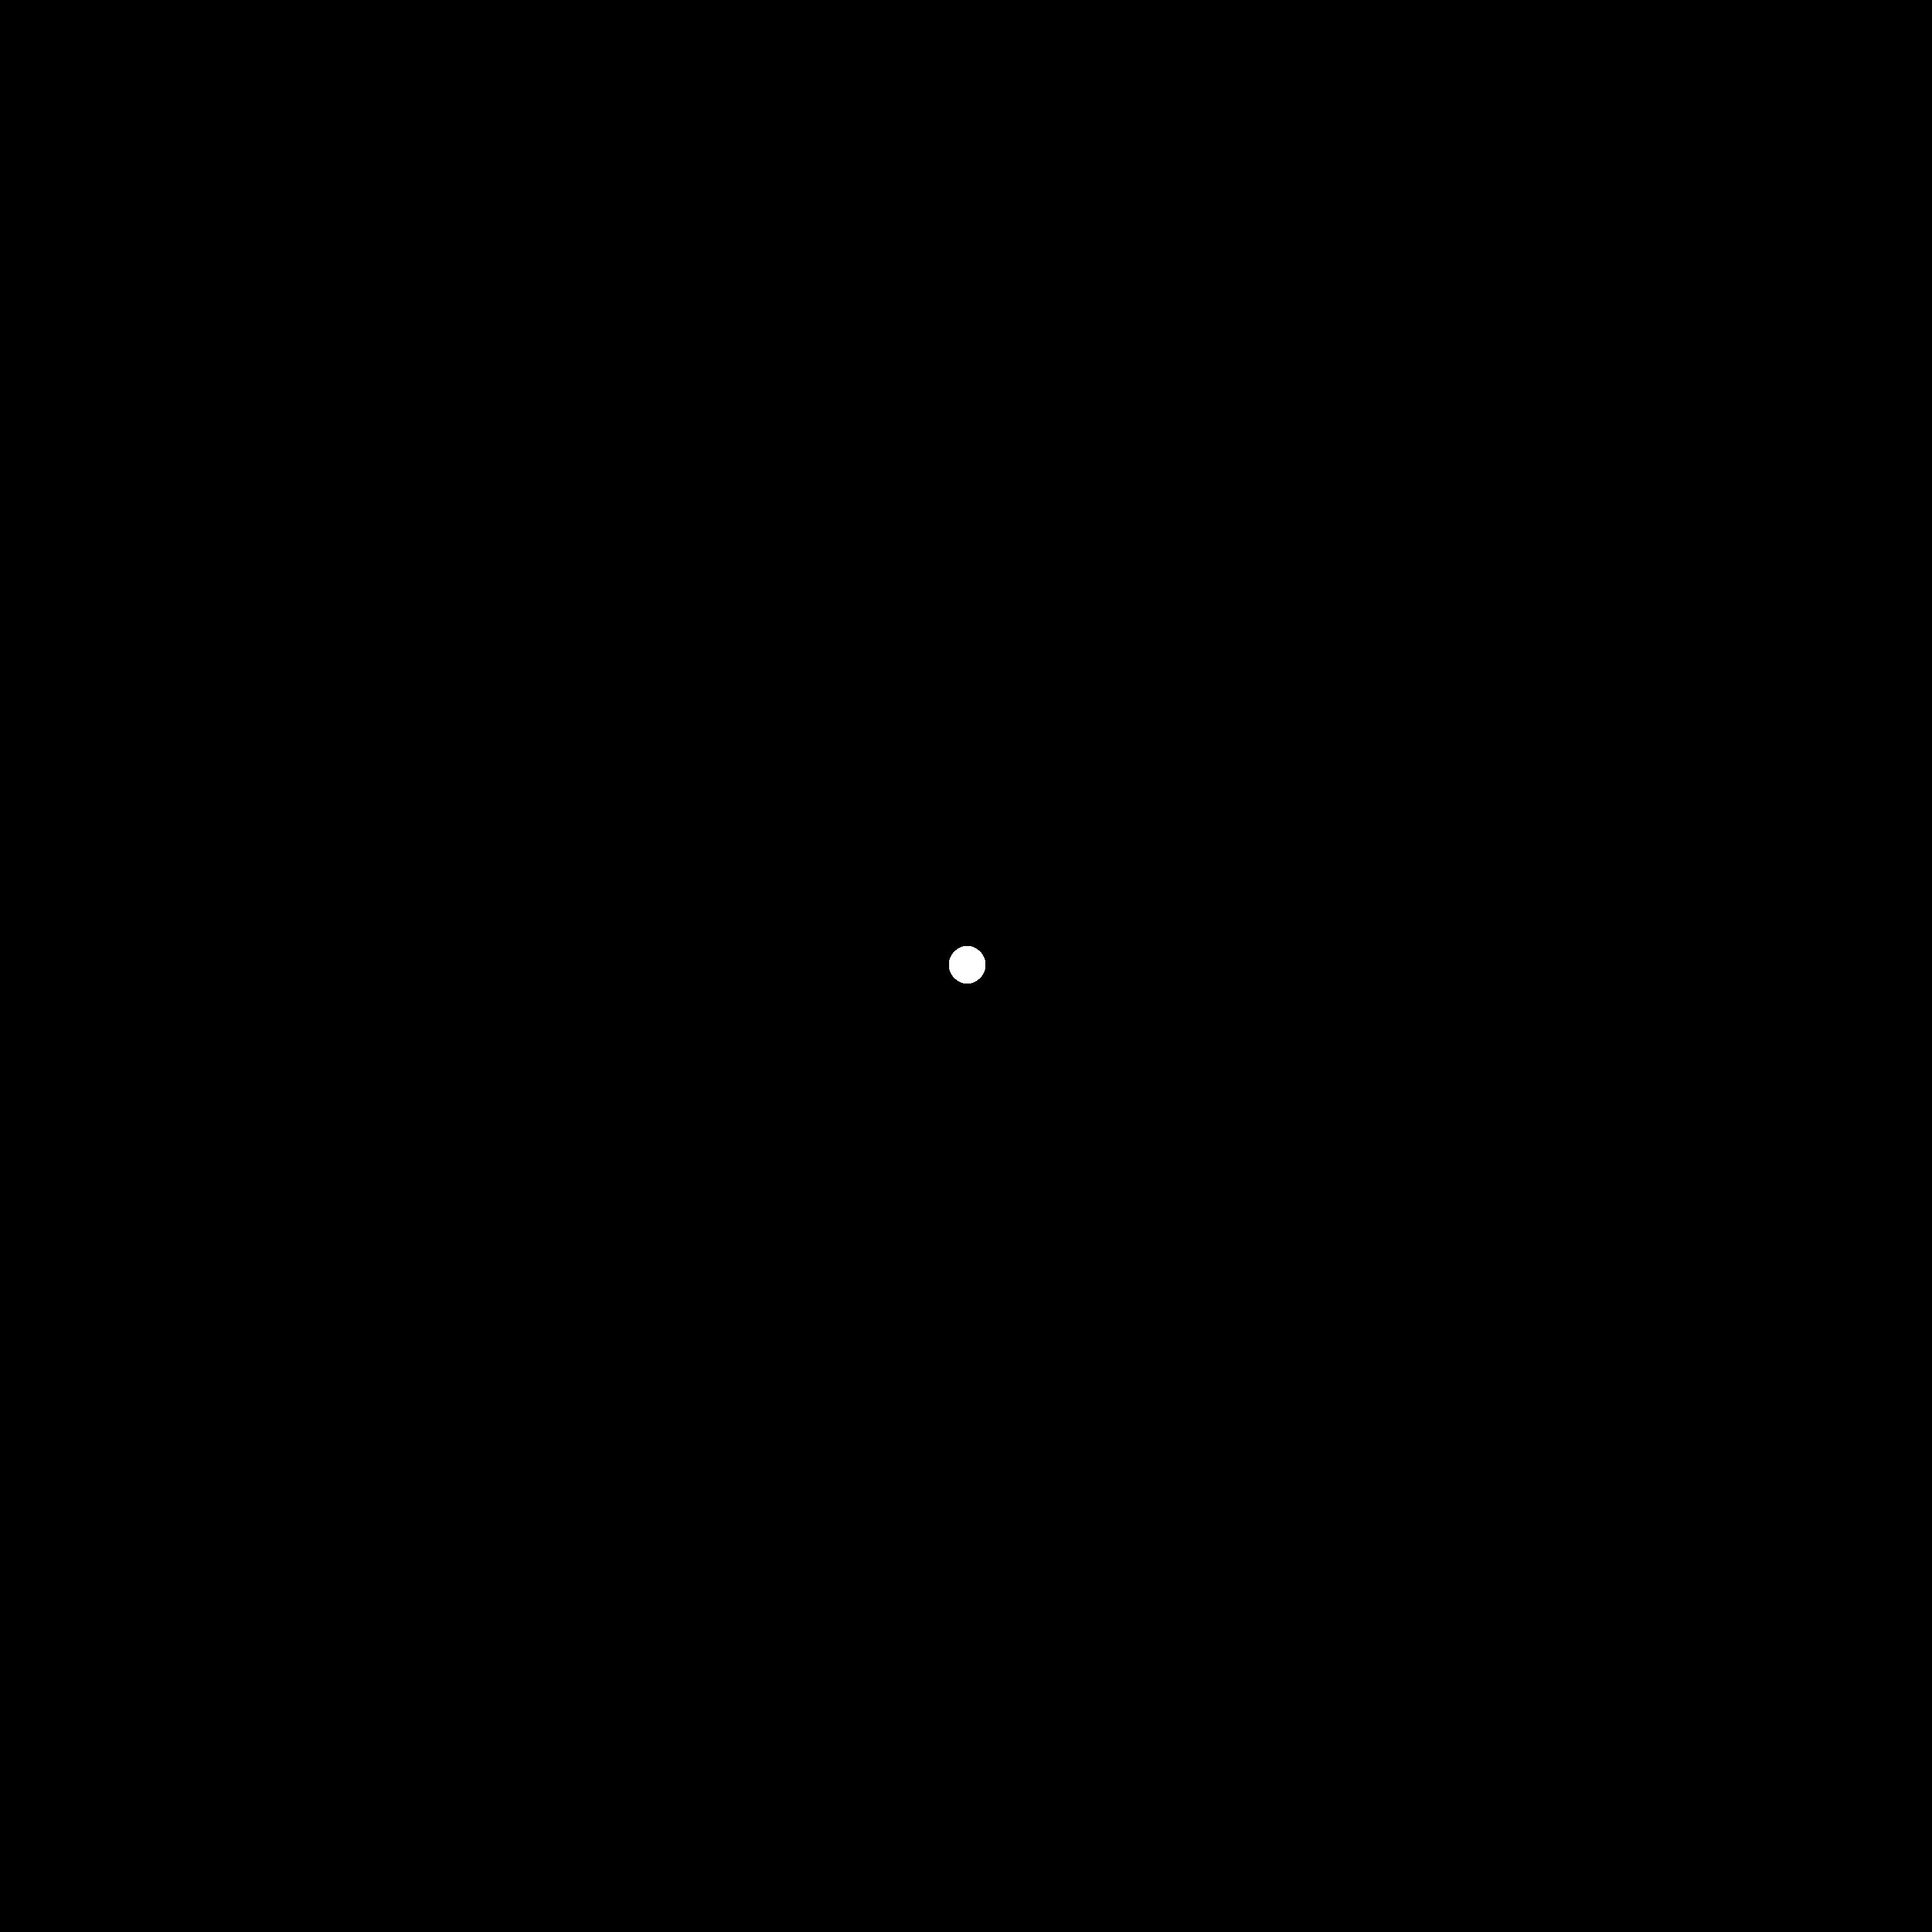 Lampe Torche [Amelioration Avec Recharge] 862963Lampe2